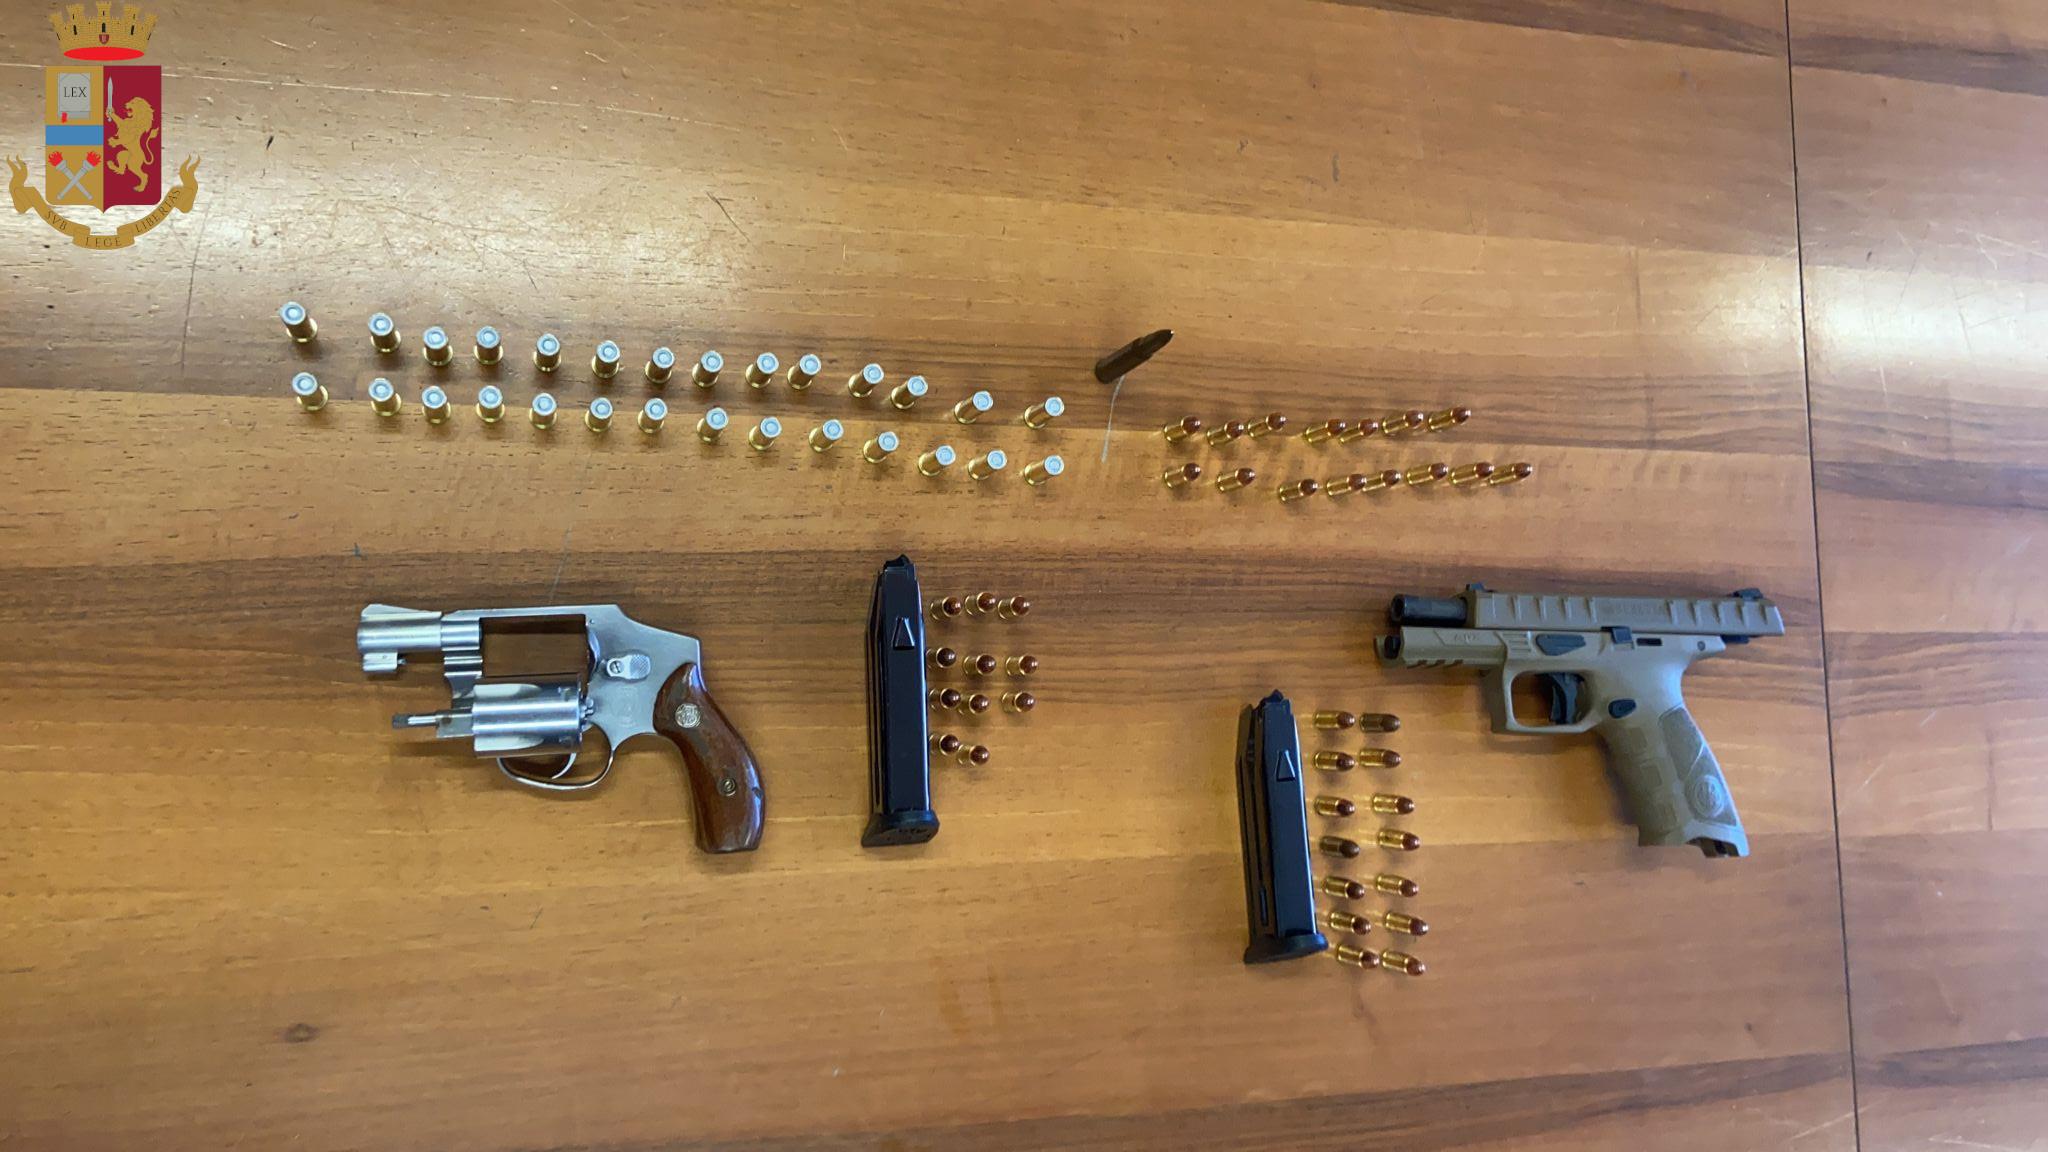 Roma, pistole detenute abusivamente rinvenute sotto ad un materasso, Polizia arresta un uomo